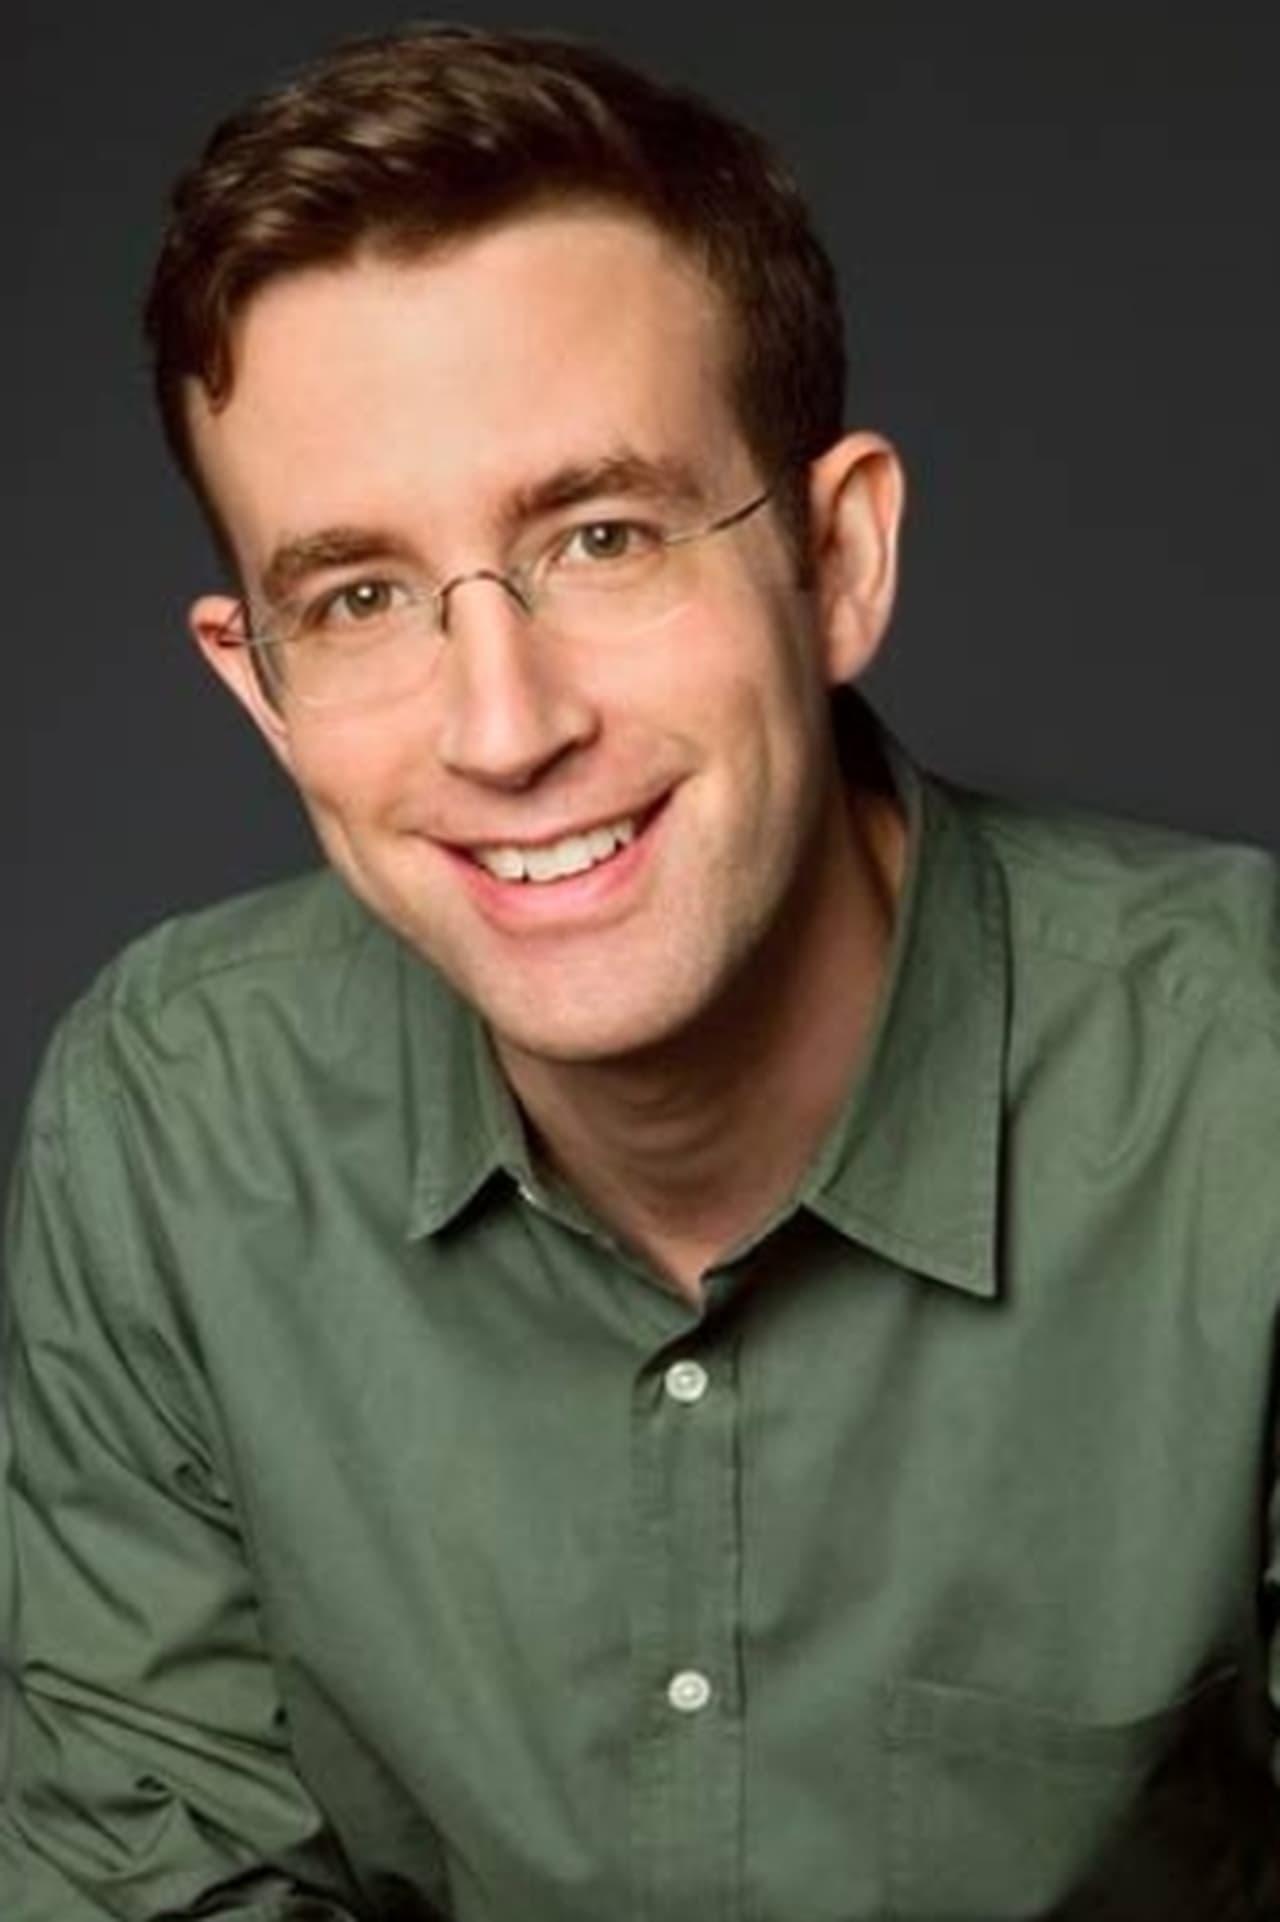 Matt Oberg